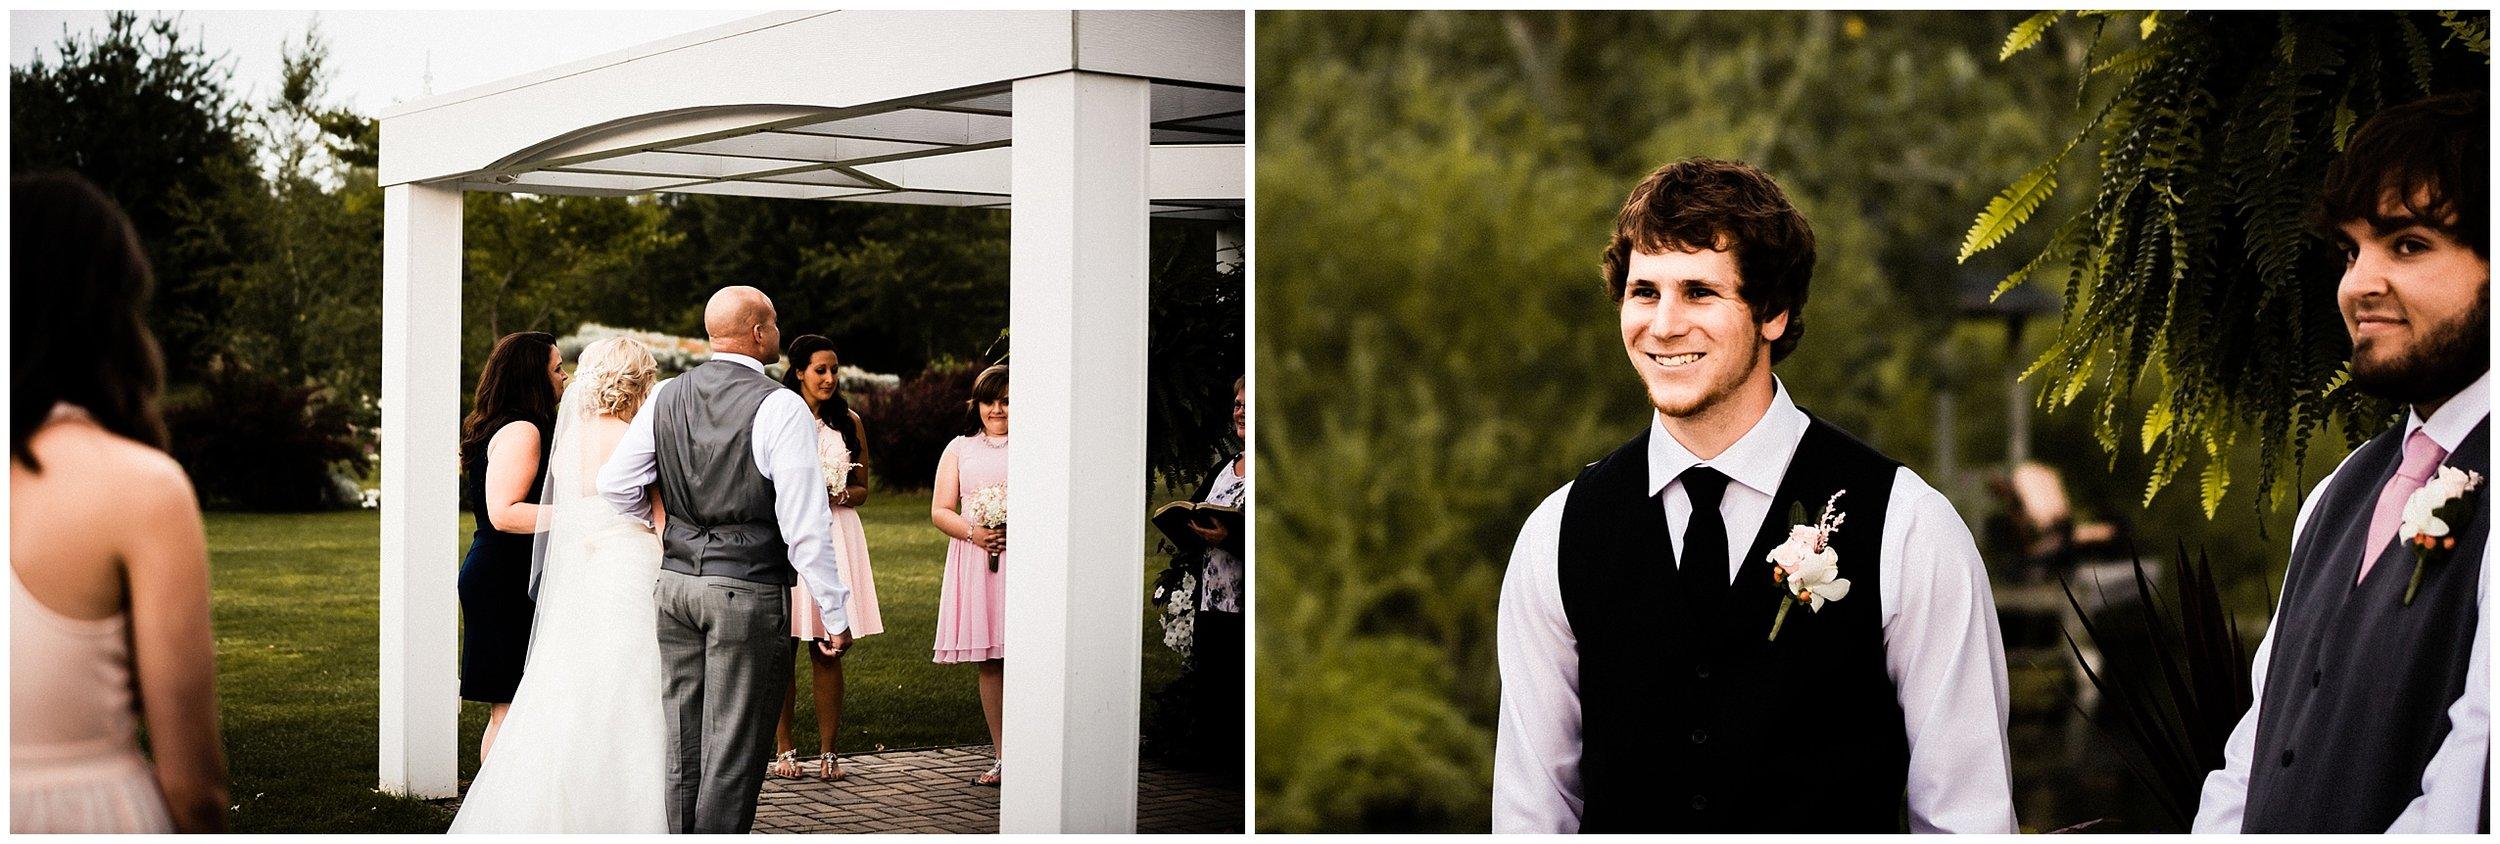 Nate + Rachel | Just Married  #kyleepaigephotography_0631.jpg